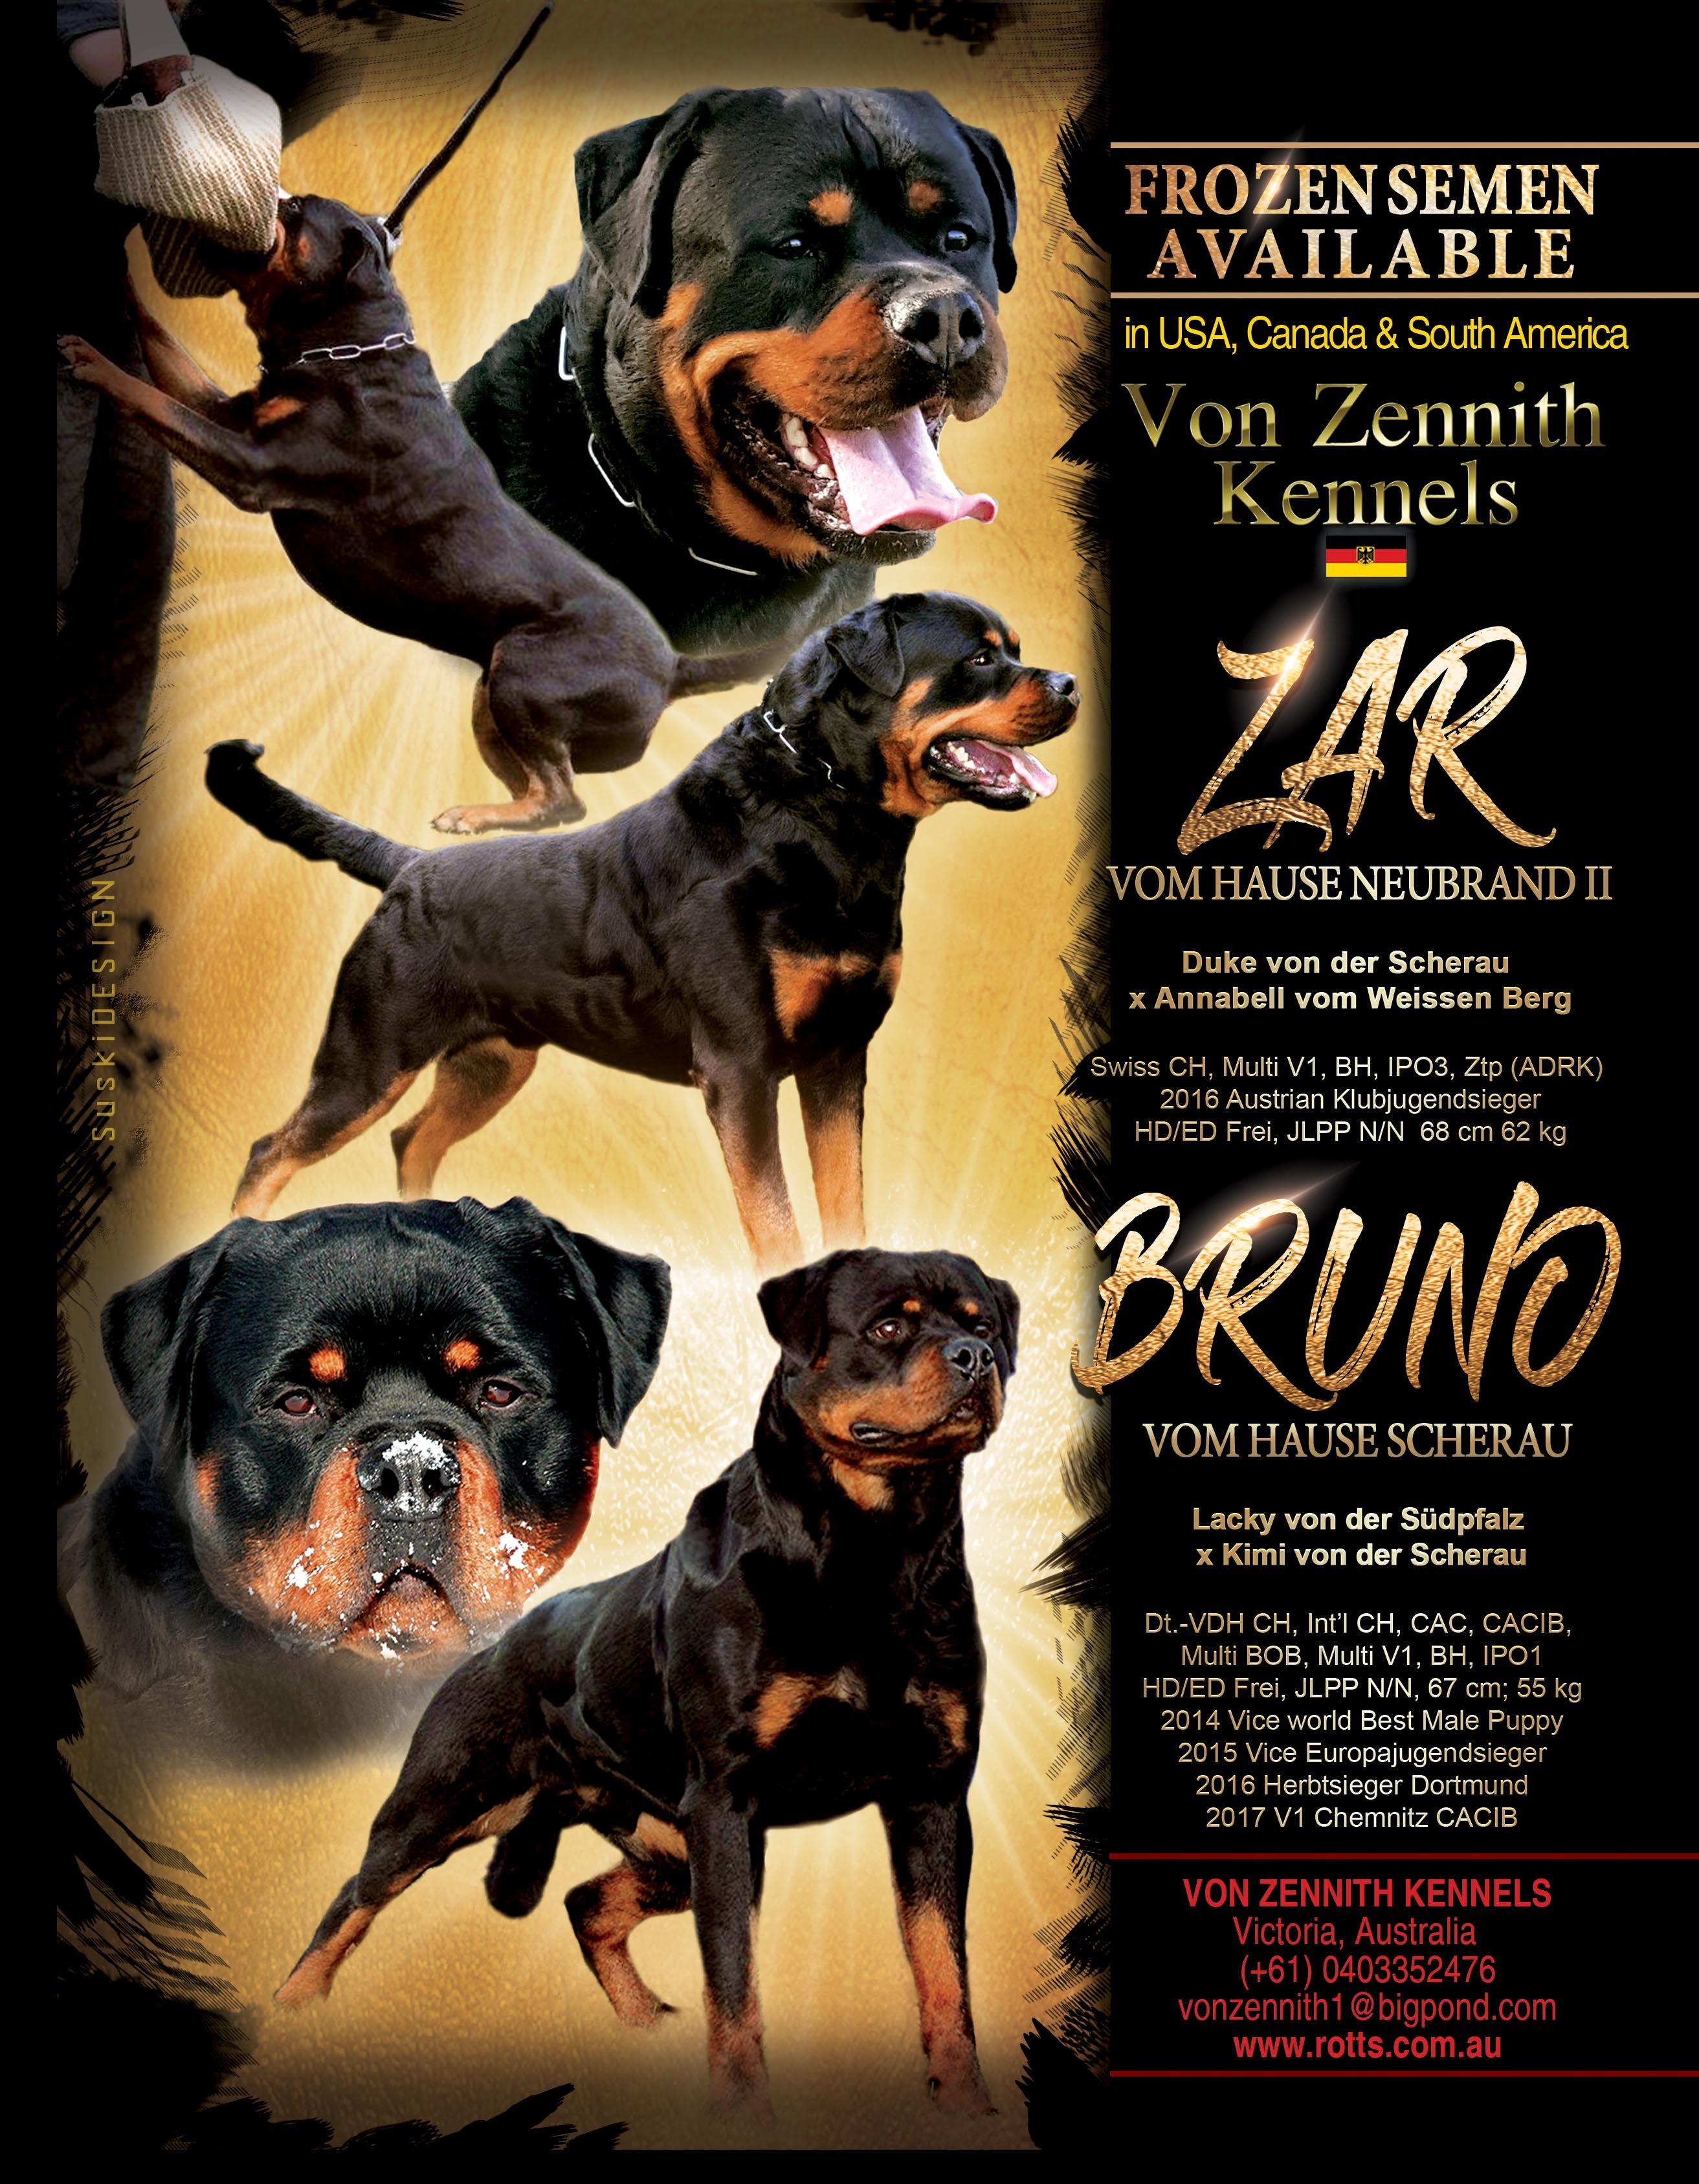 Von Zennith Rottweilers Victoria Australia 61 0403352476